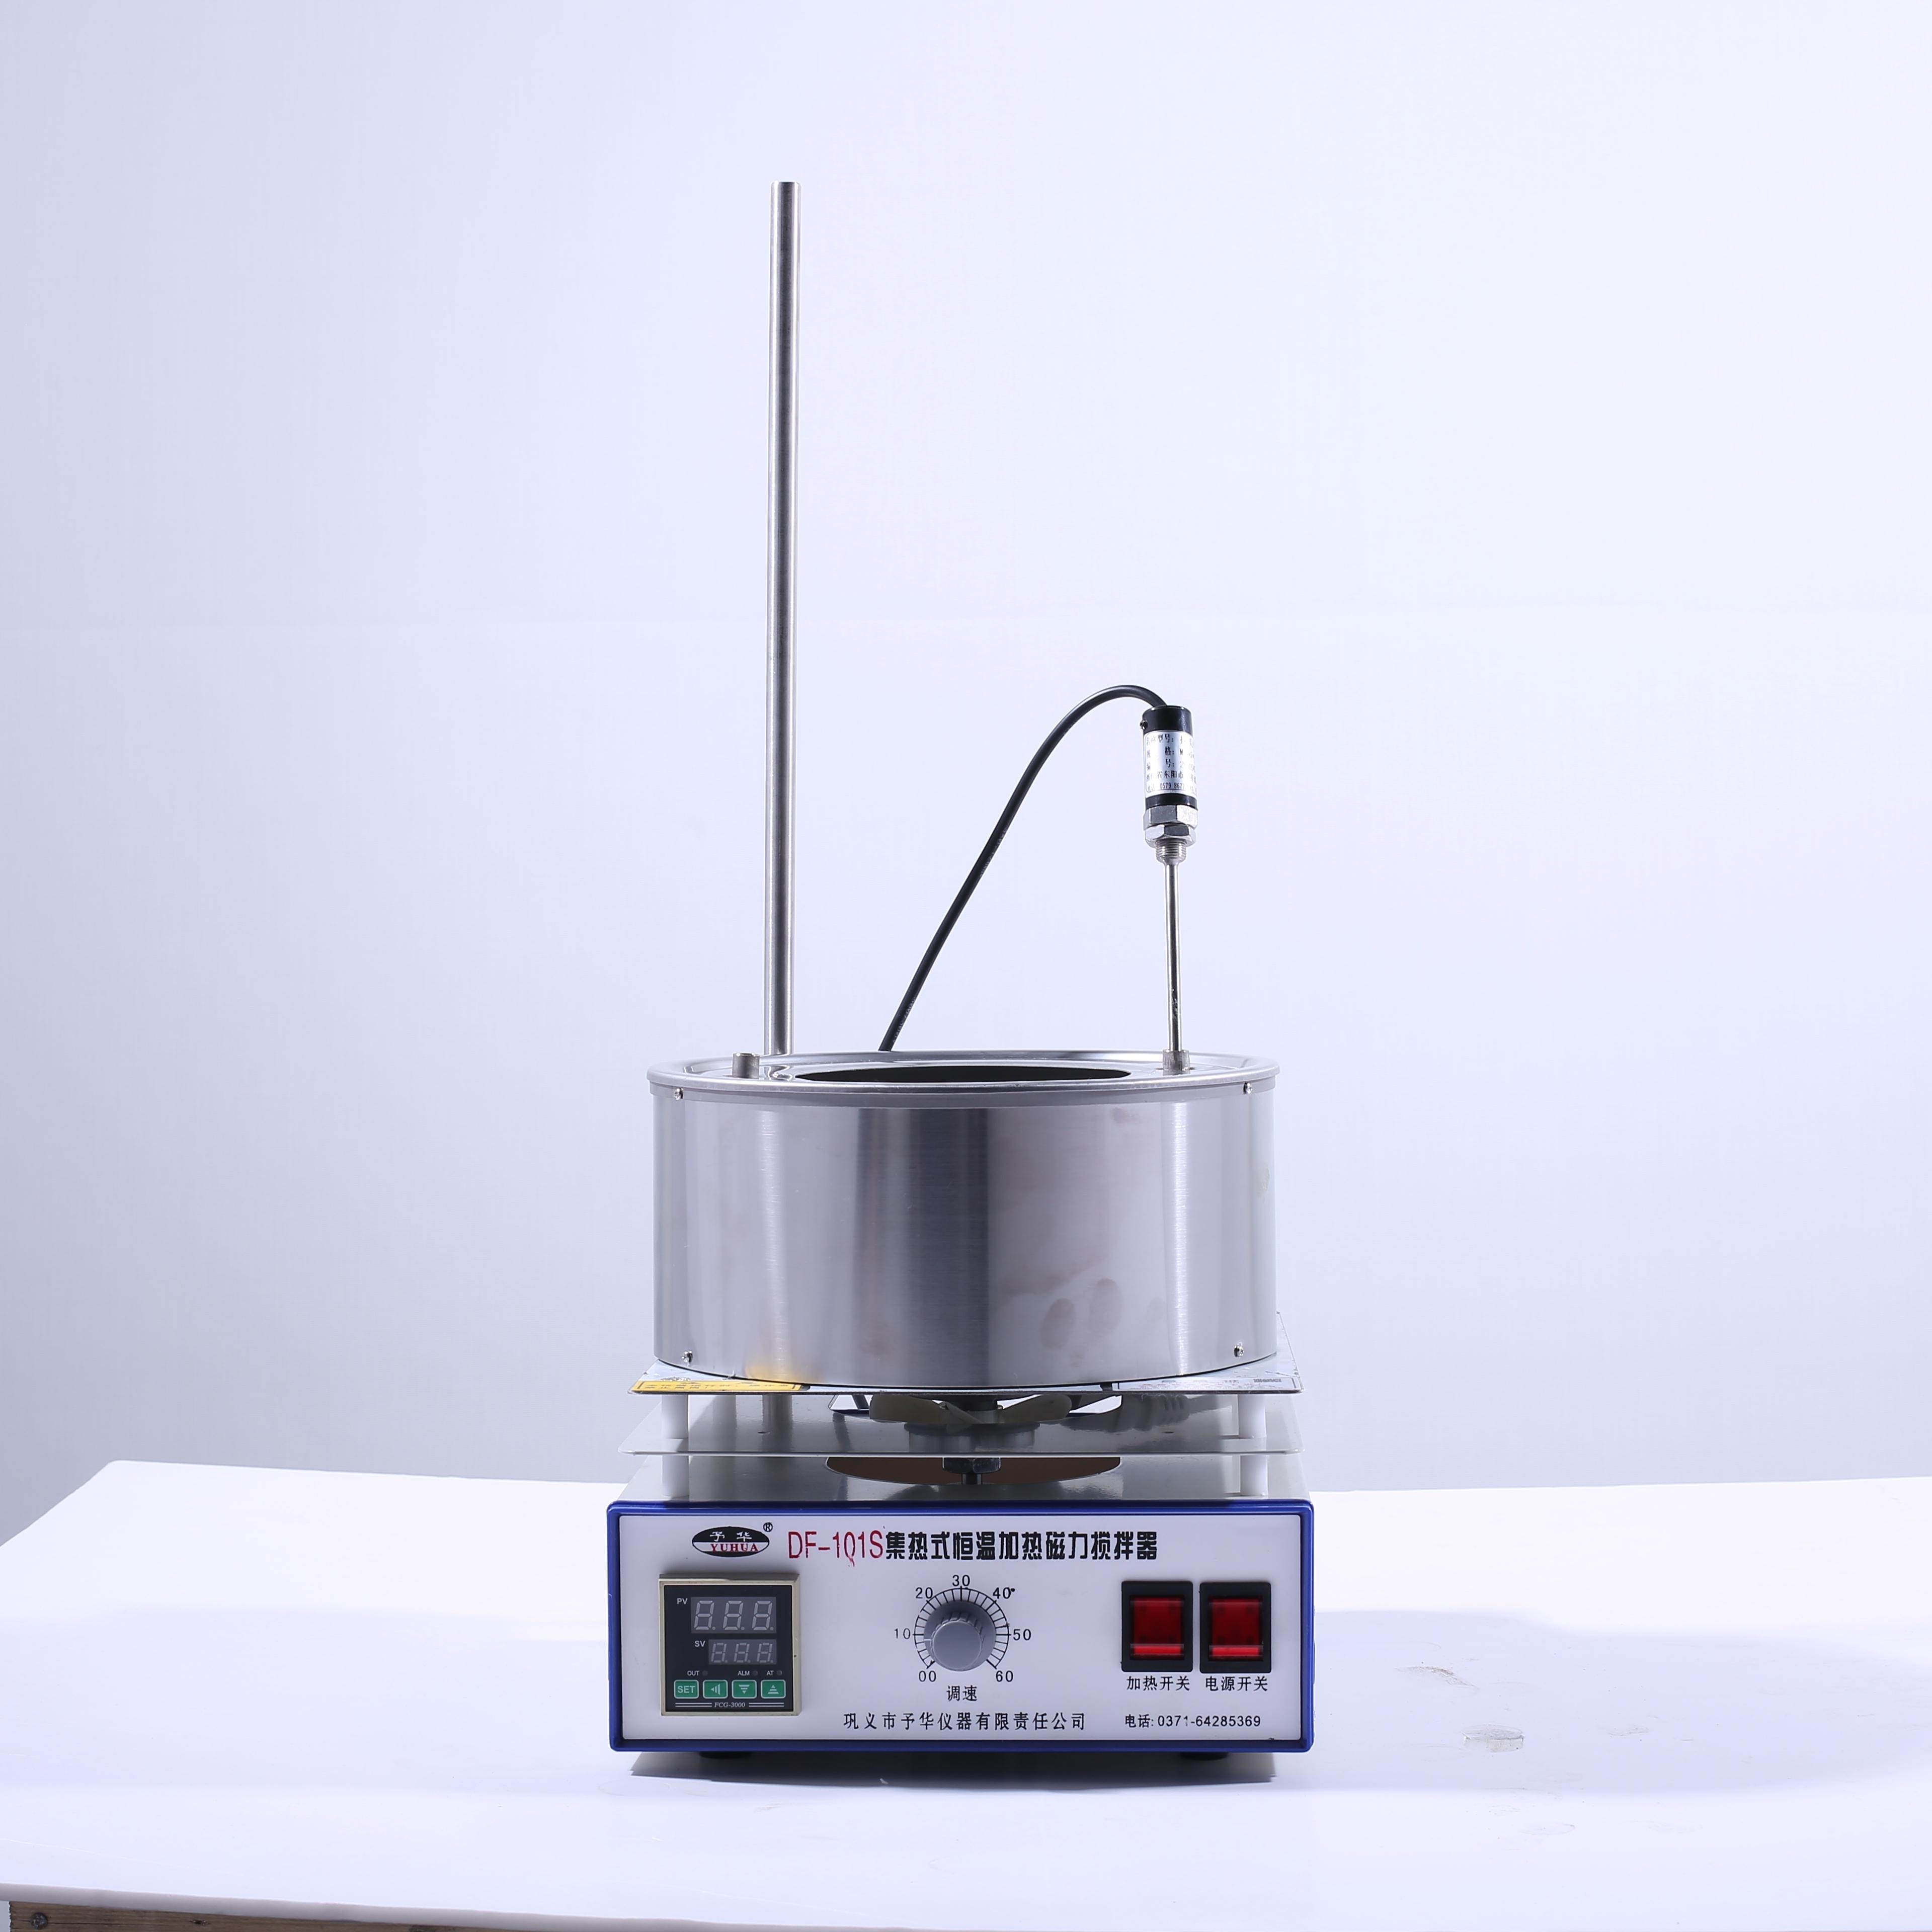 平板加热搅拌器调压控温